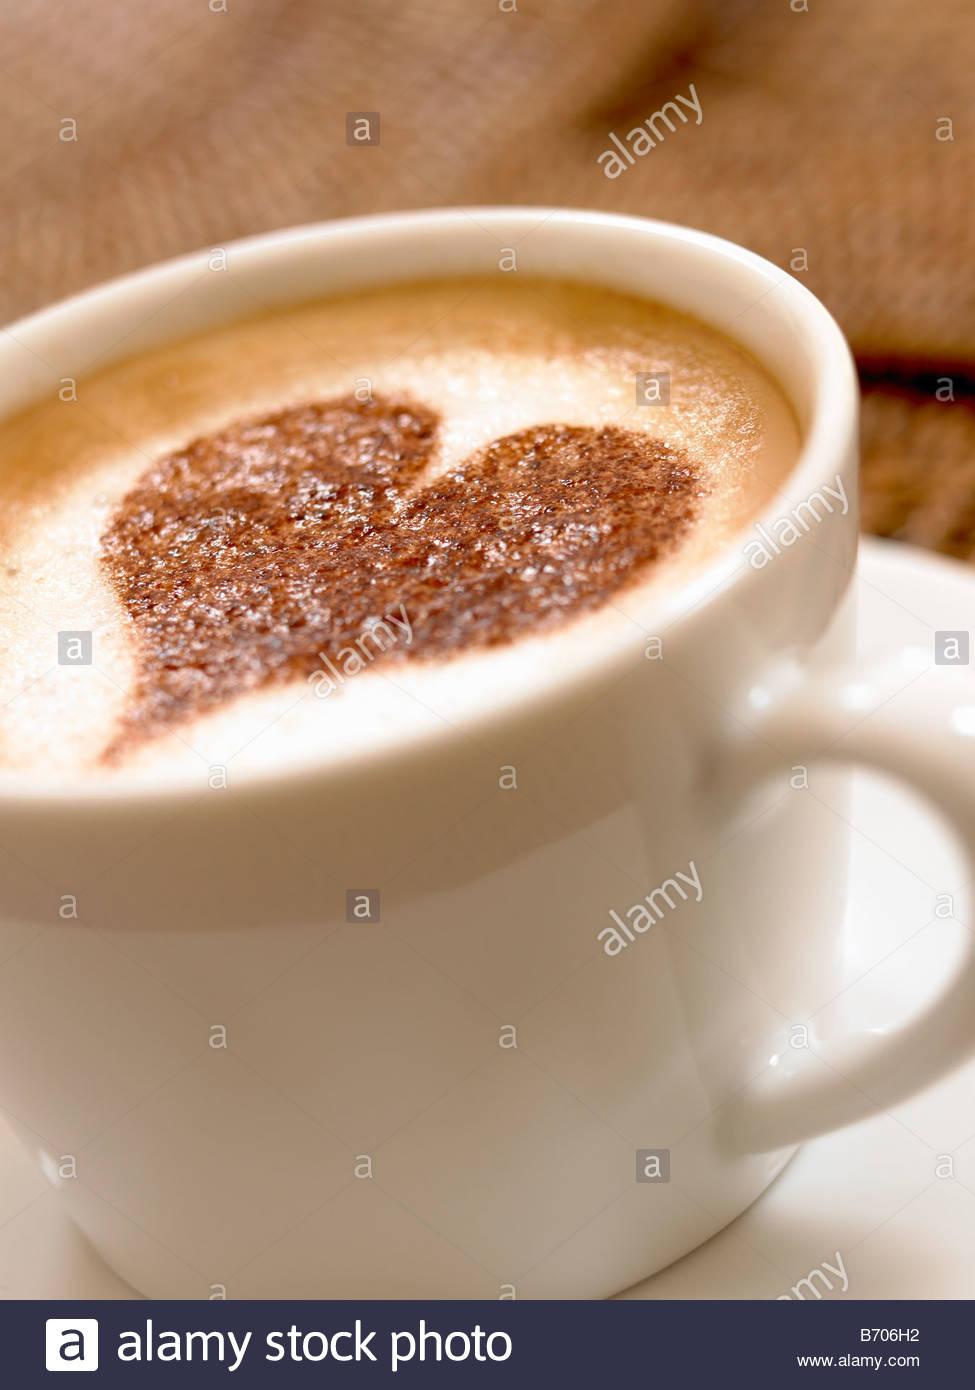 Cuore-forma di decorazione su schiuma nella tazza da caffè Immagini Stock